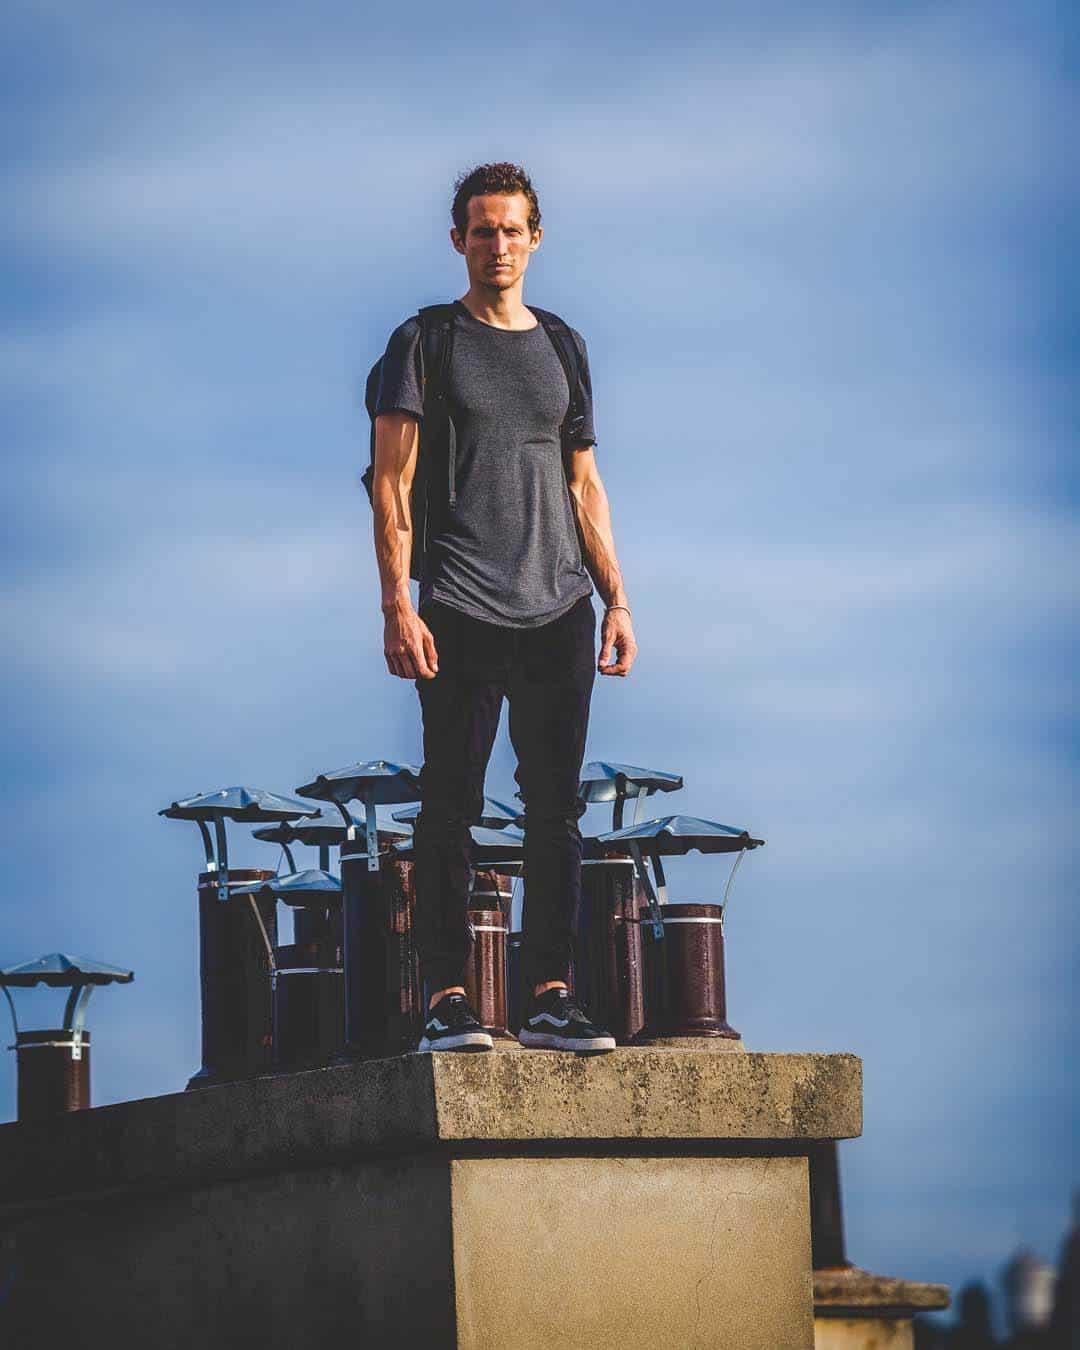 etrefort thibaut parkour clothing outdor paris rooftop pov